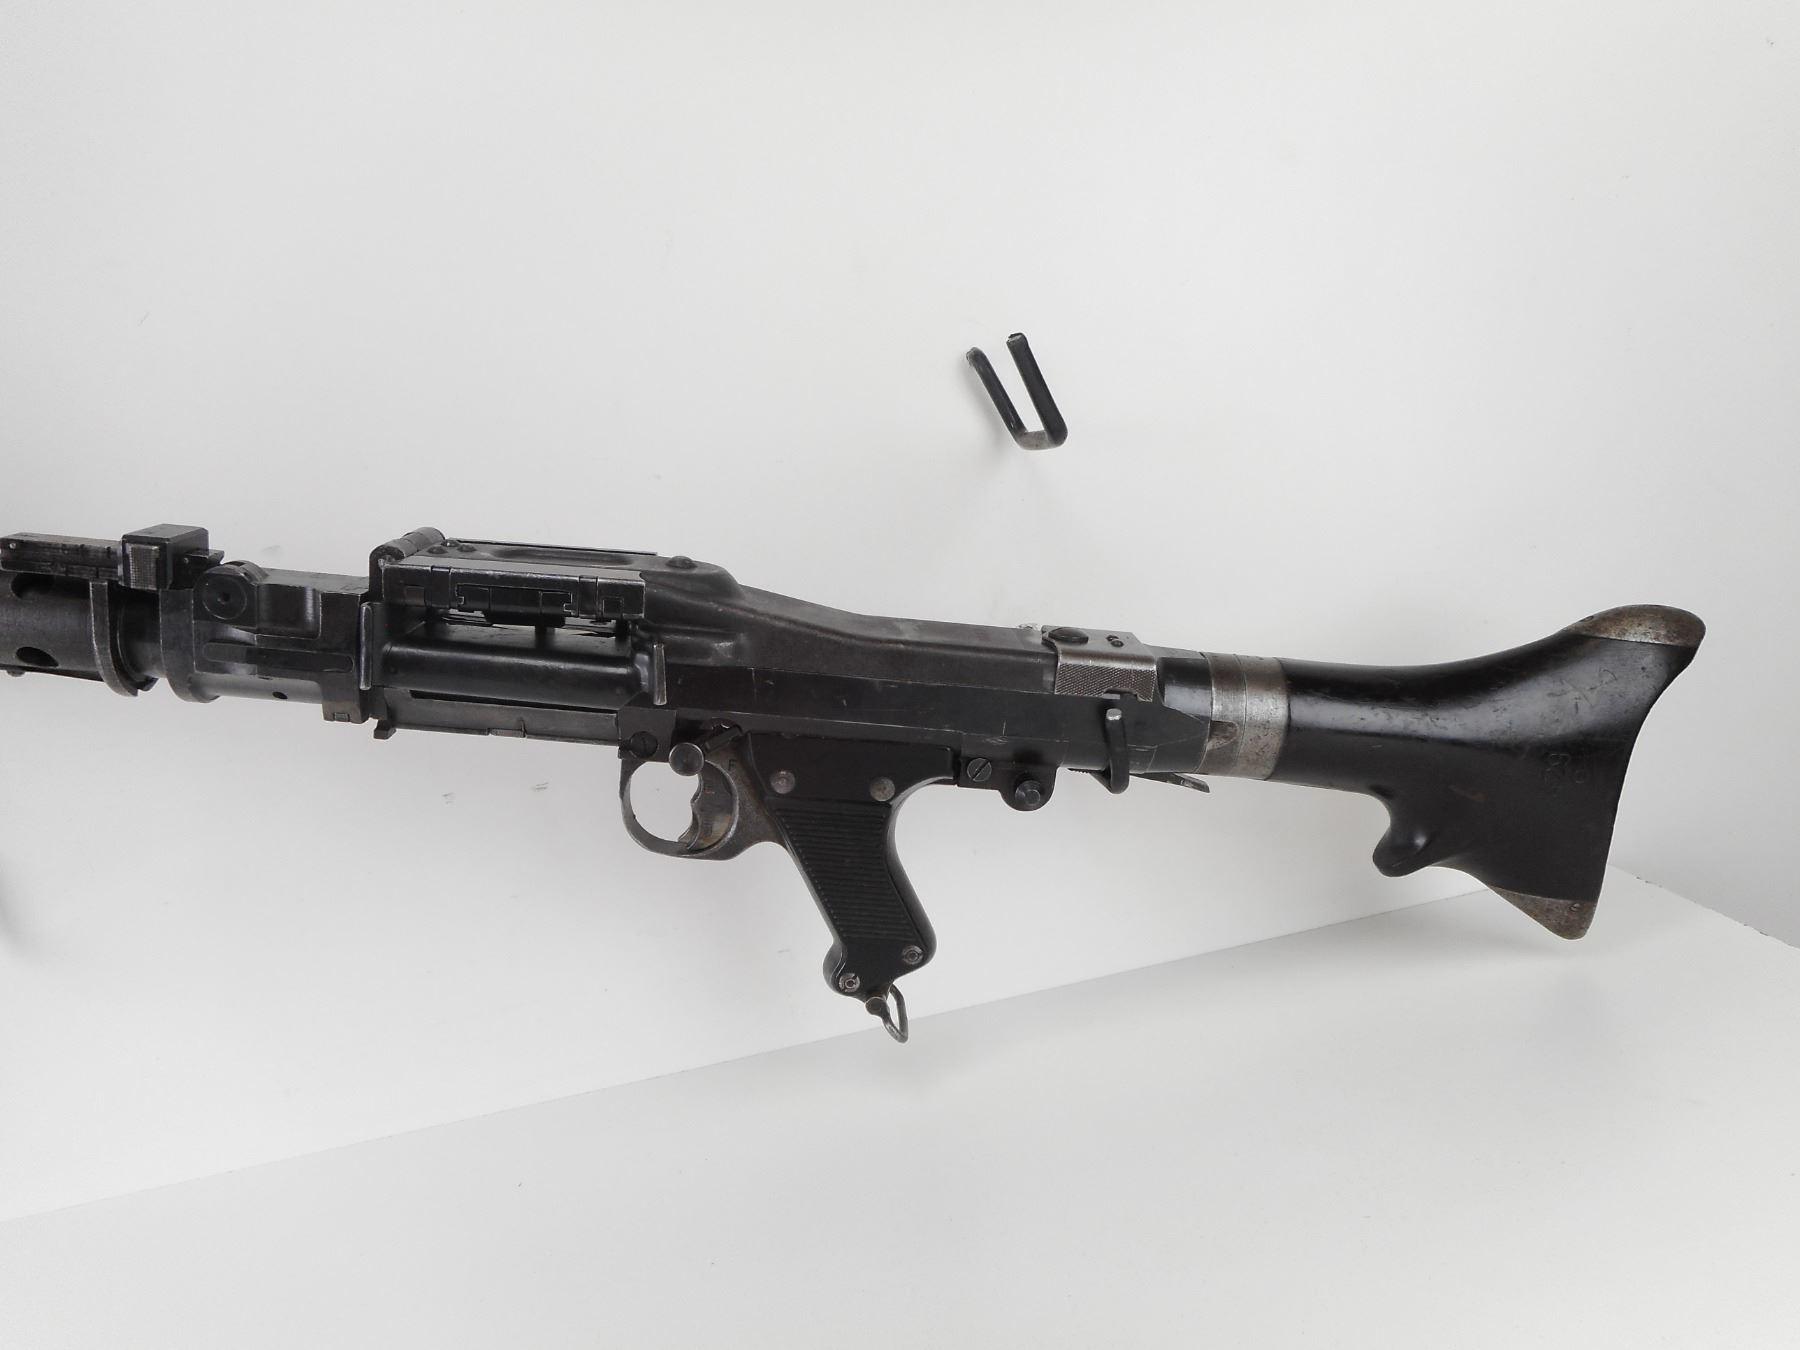 German machine gun Maschinengewehr MG 34 from Worl by